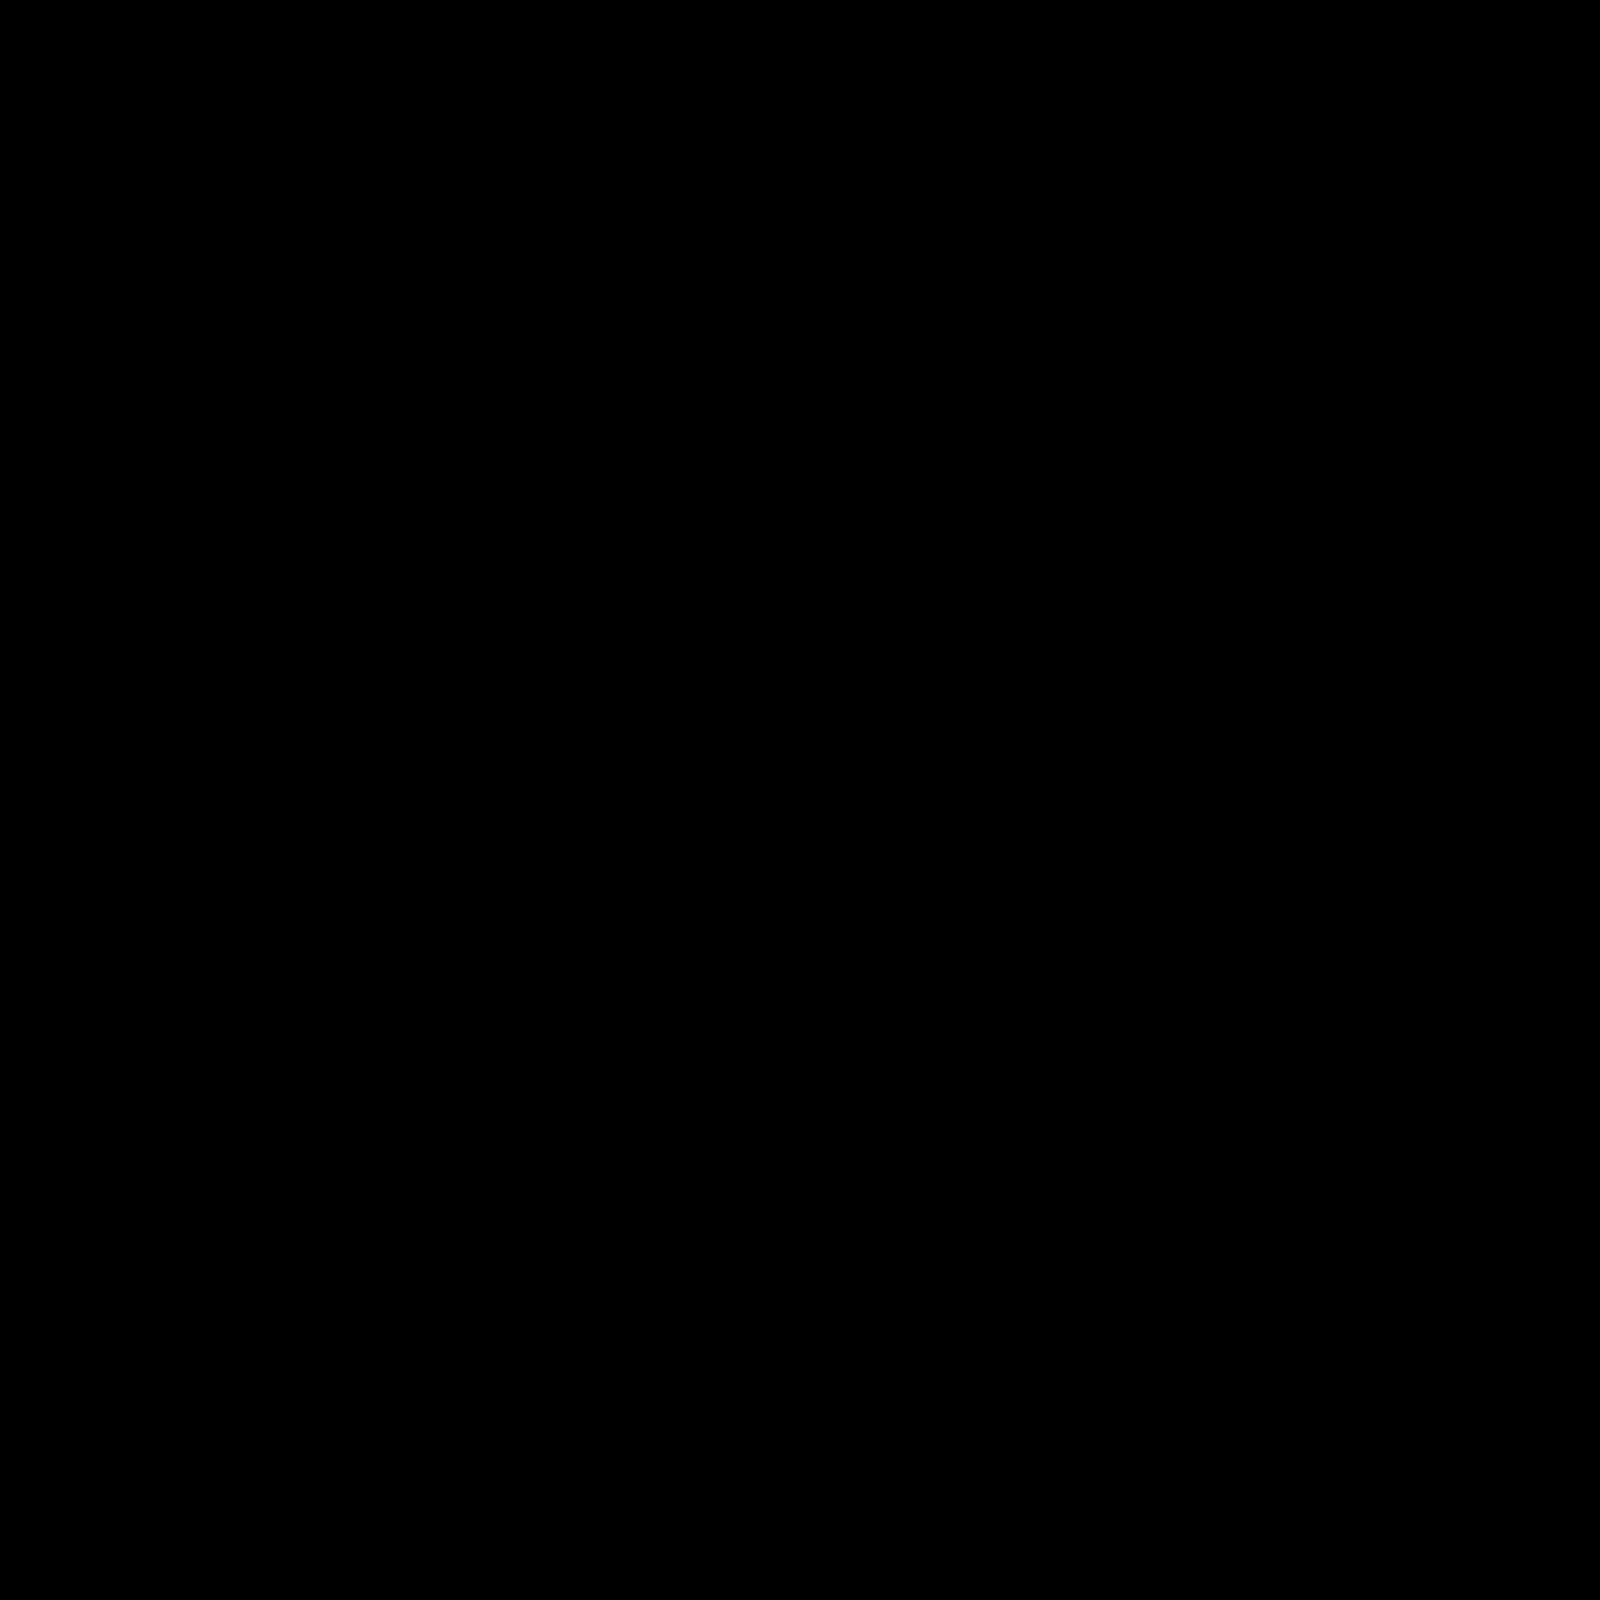 Иконка NetBeans - скачать бесплатно в PNG и векторе 2f11c397bf7